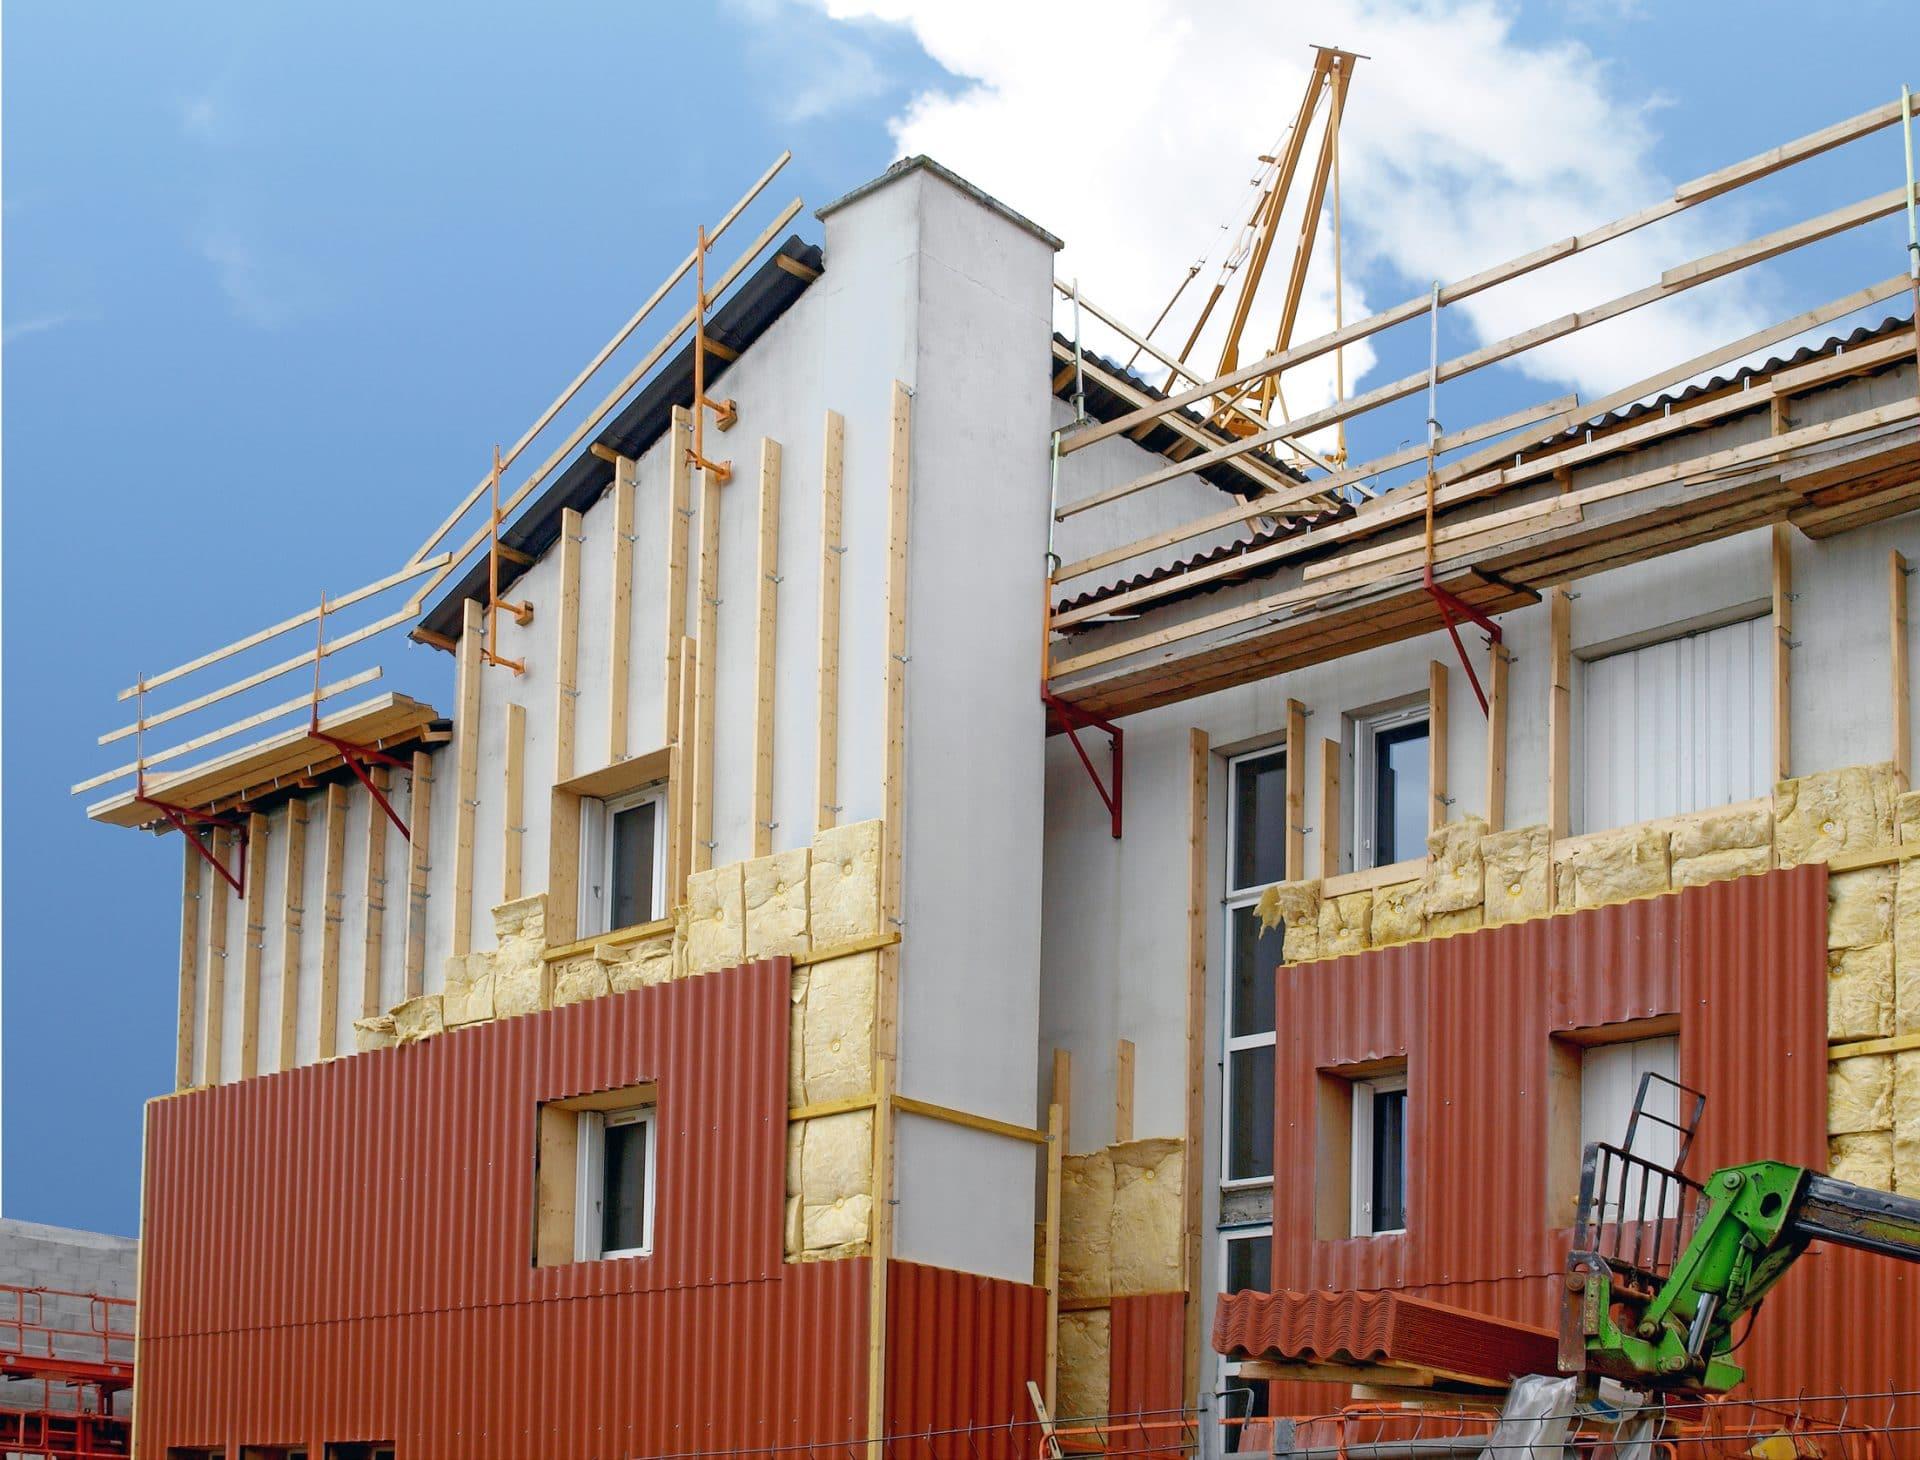 Rénovation de façade : permis de construire ou pas ?